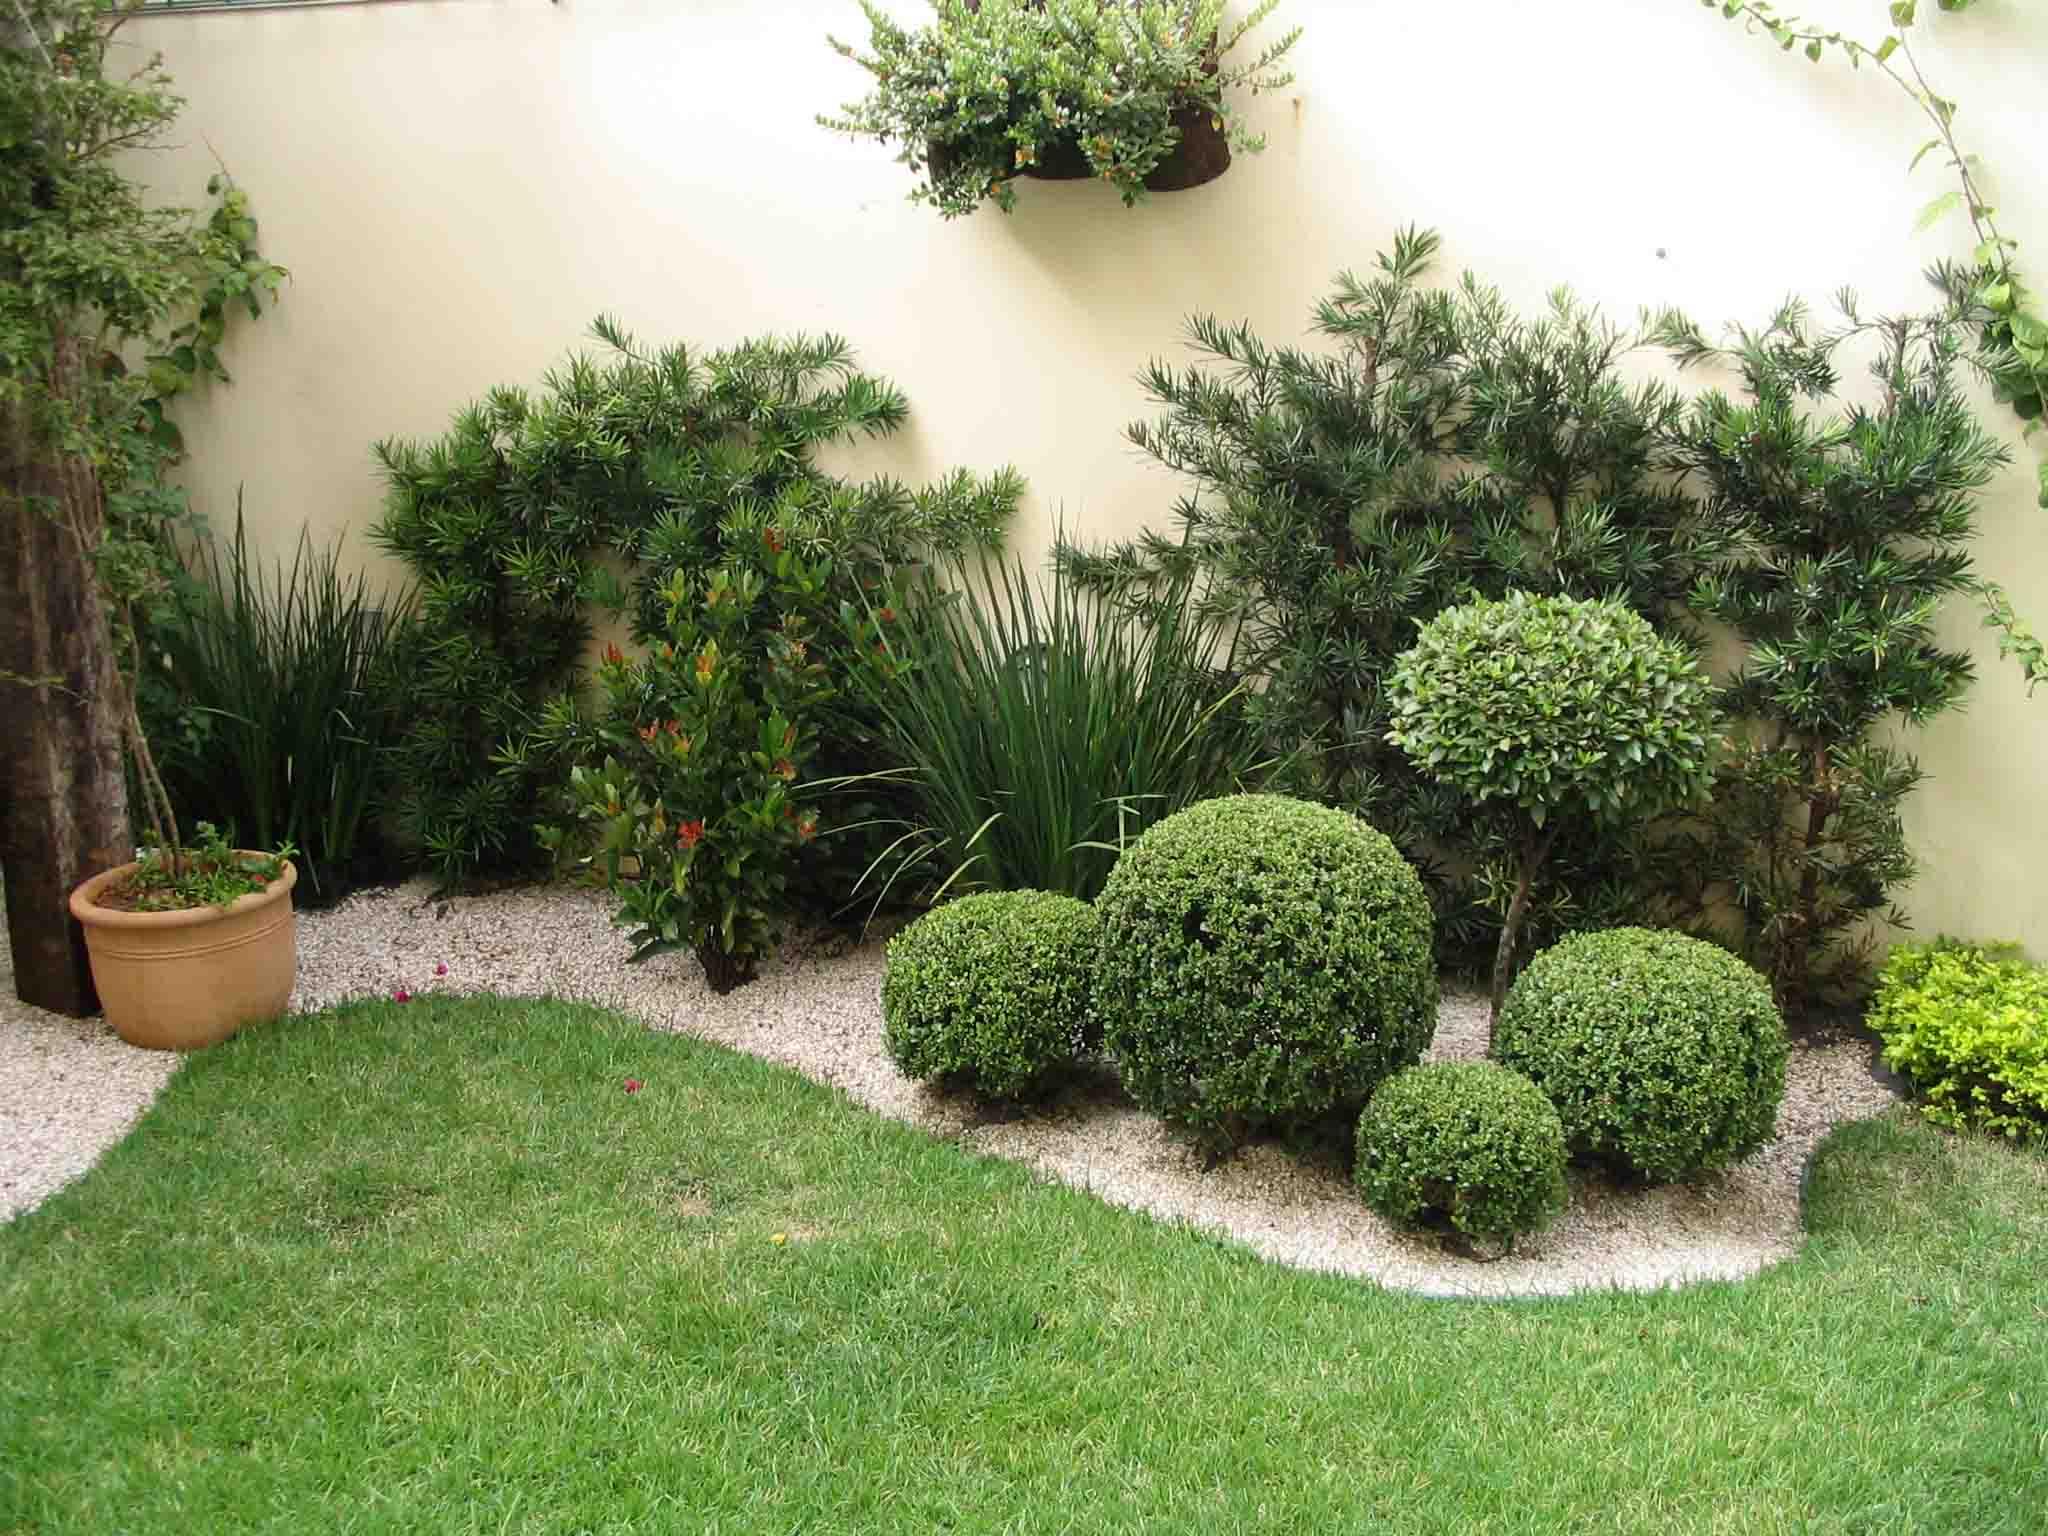 Como fazer um jardim simples e barato no quintal Decorando Casas #71913A 2048 1536